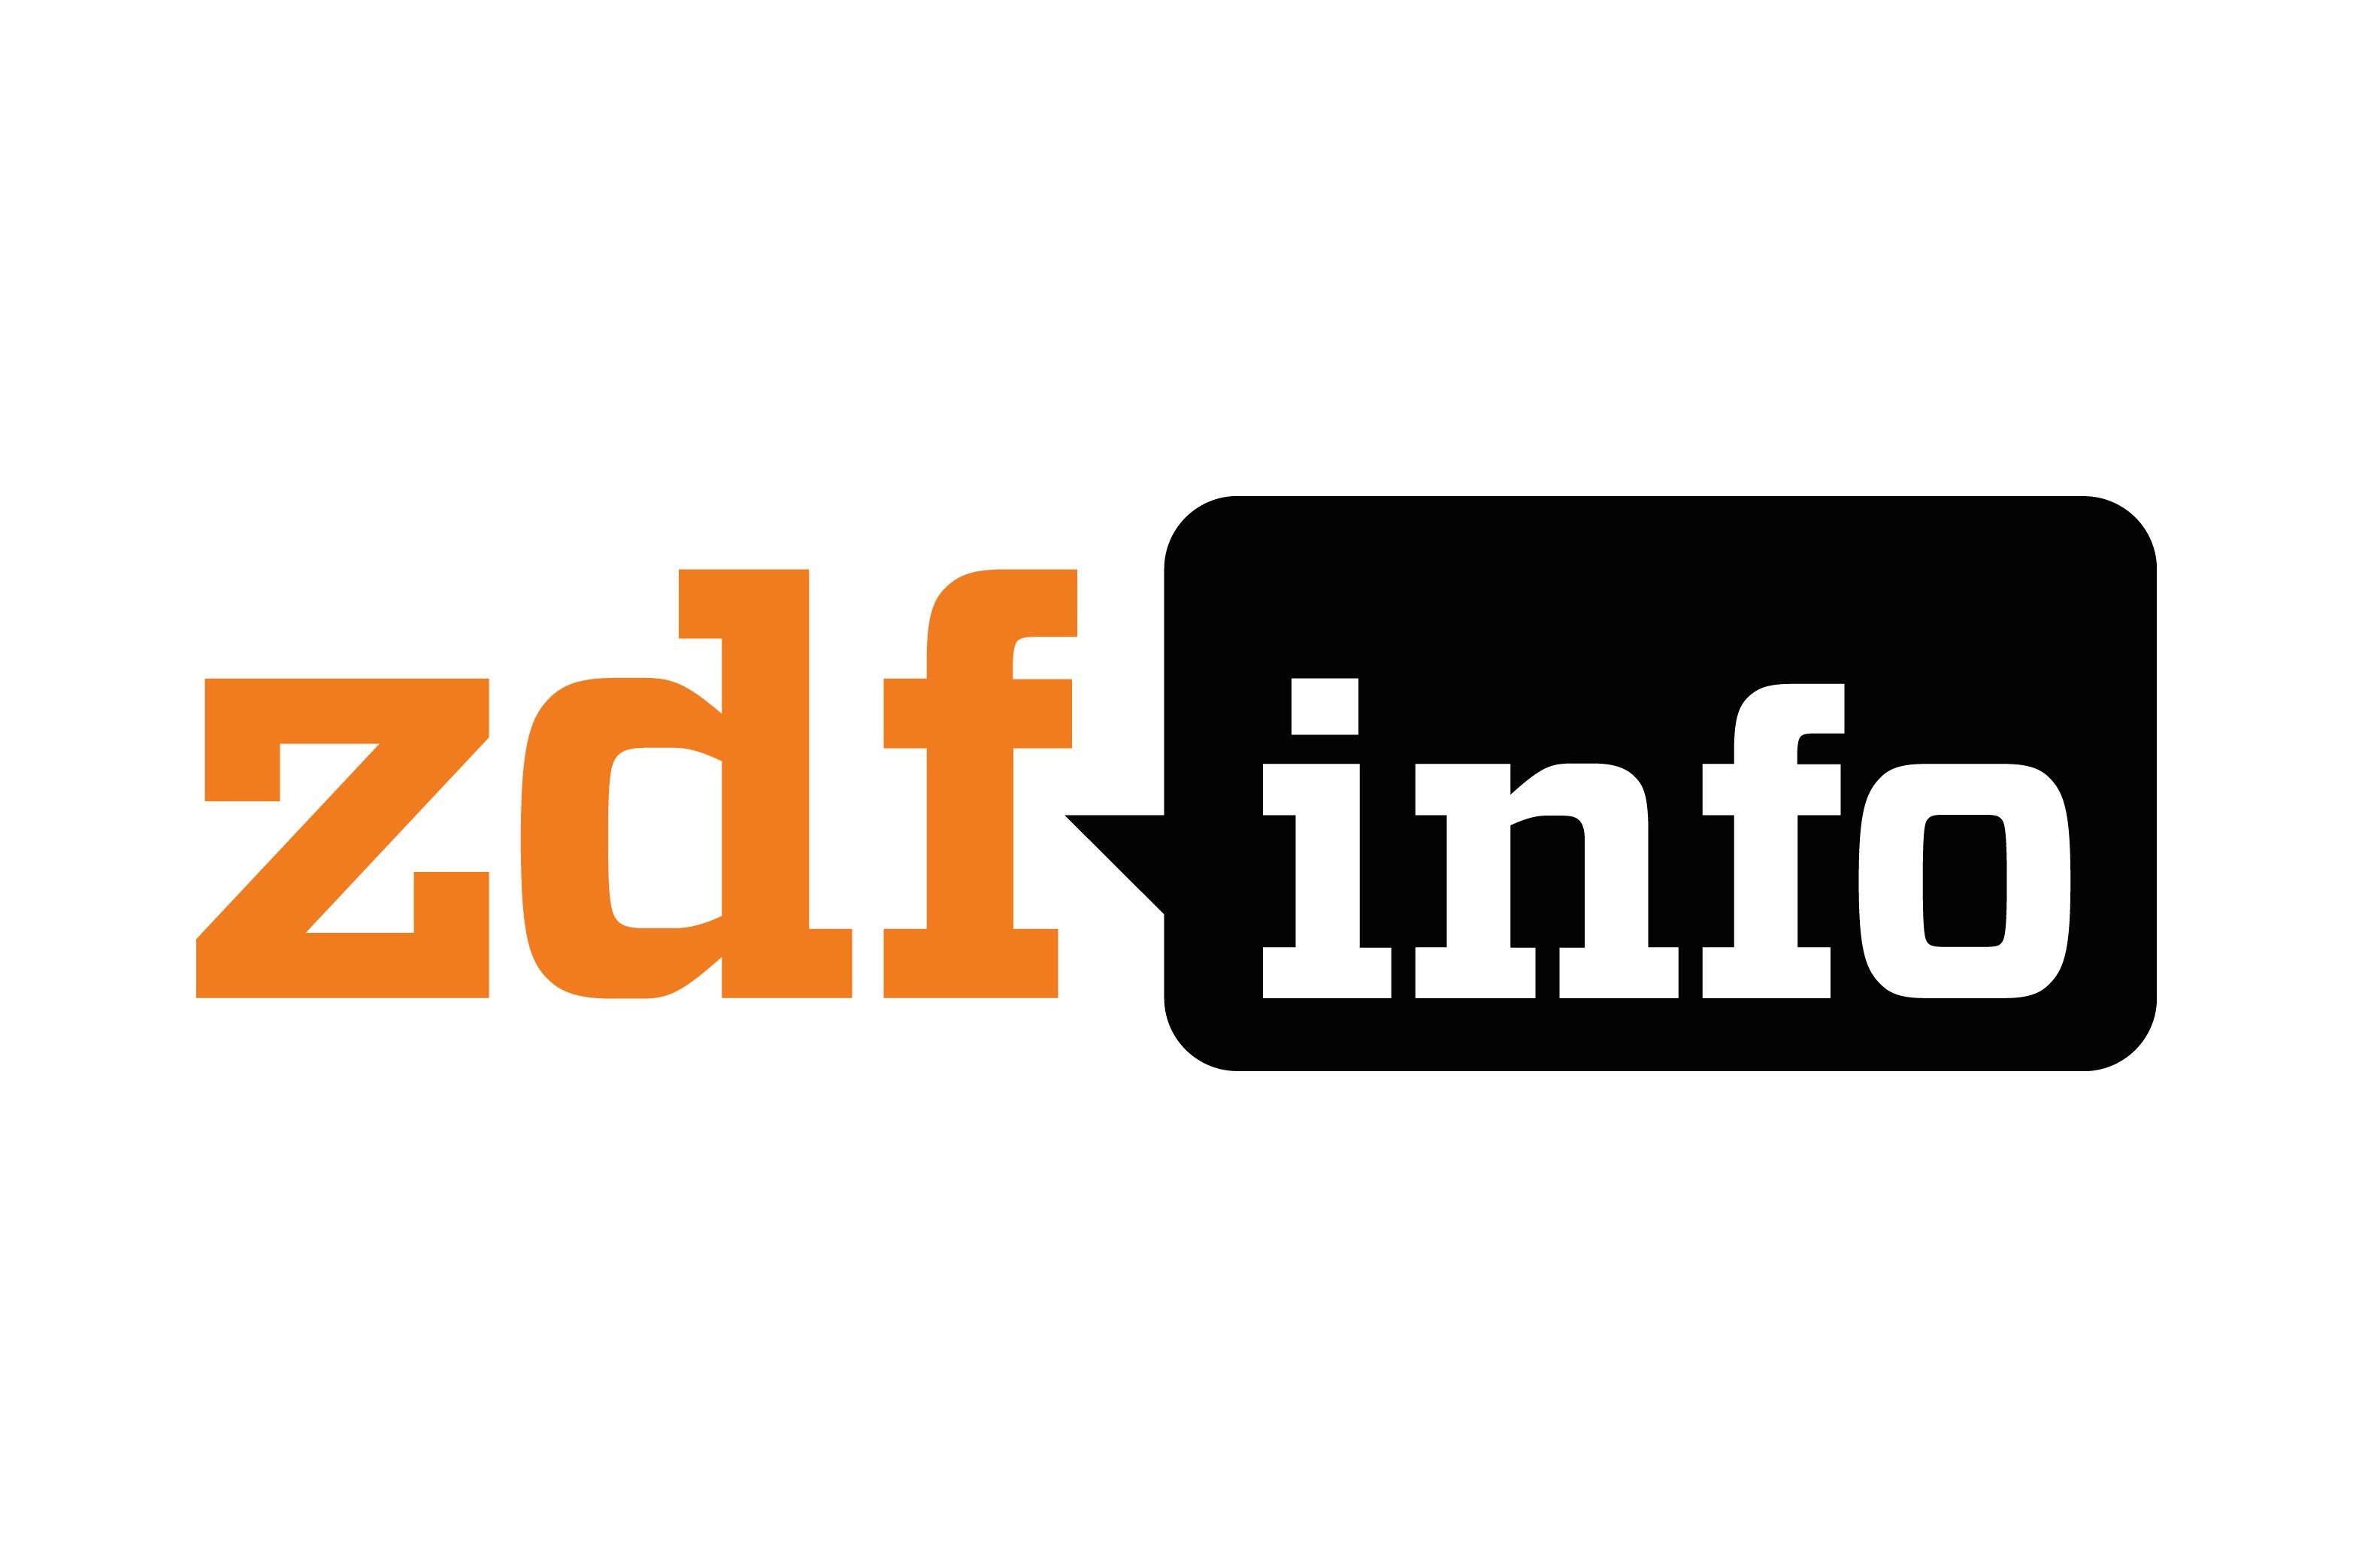 Bildergebnis für fotos vom logo des tv-senders zdfinfo